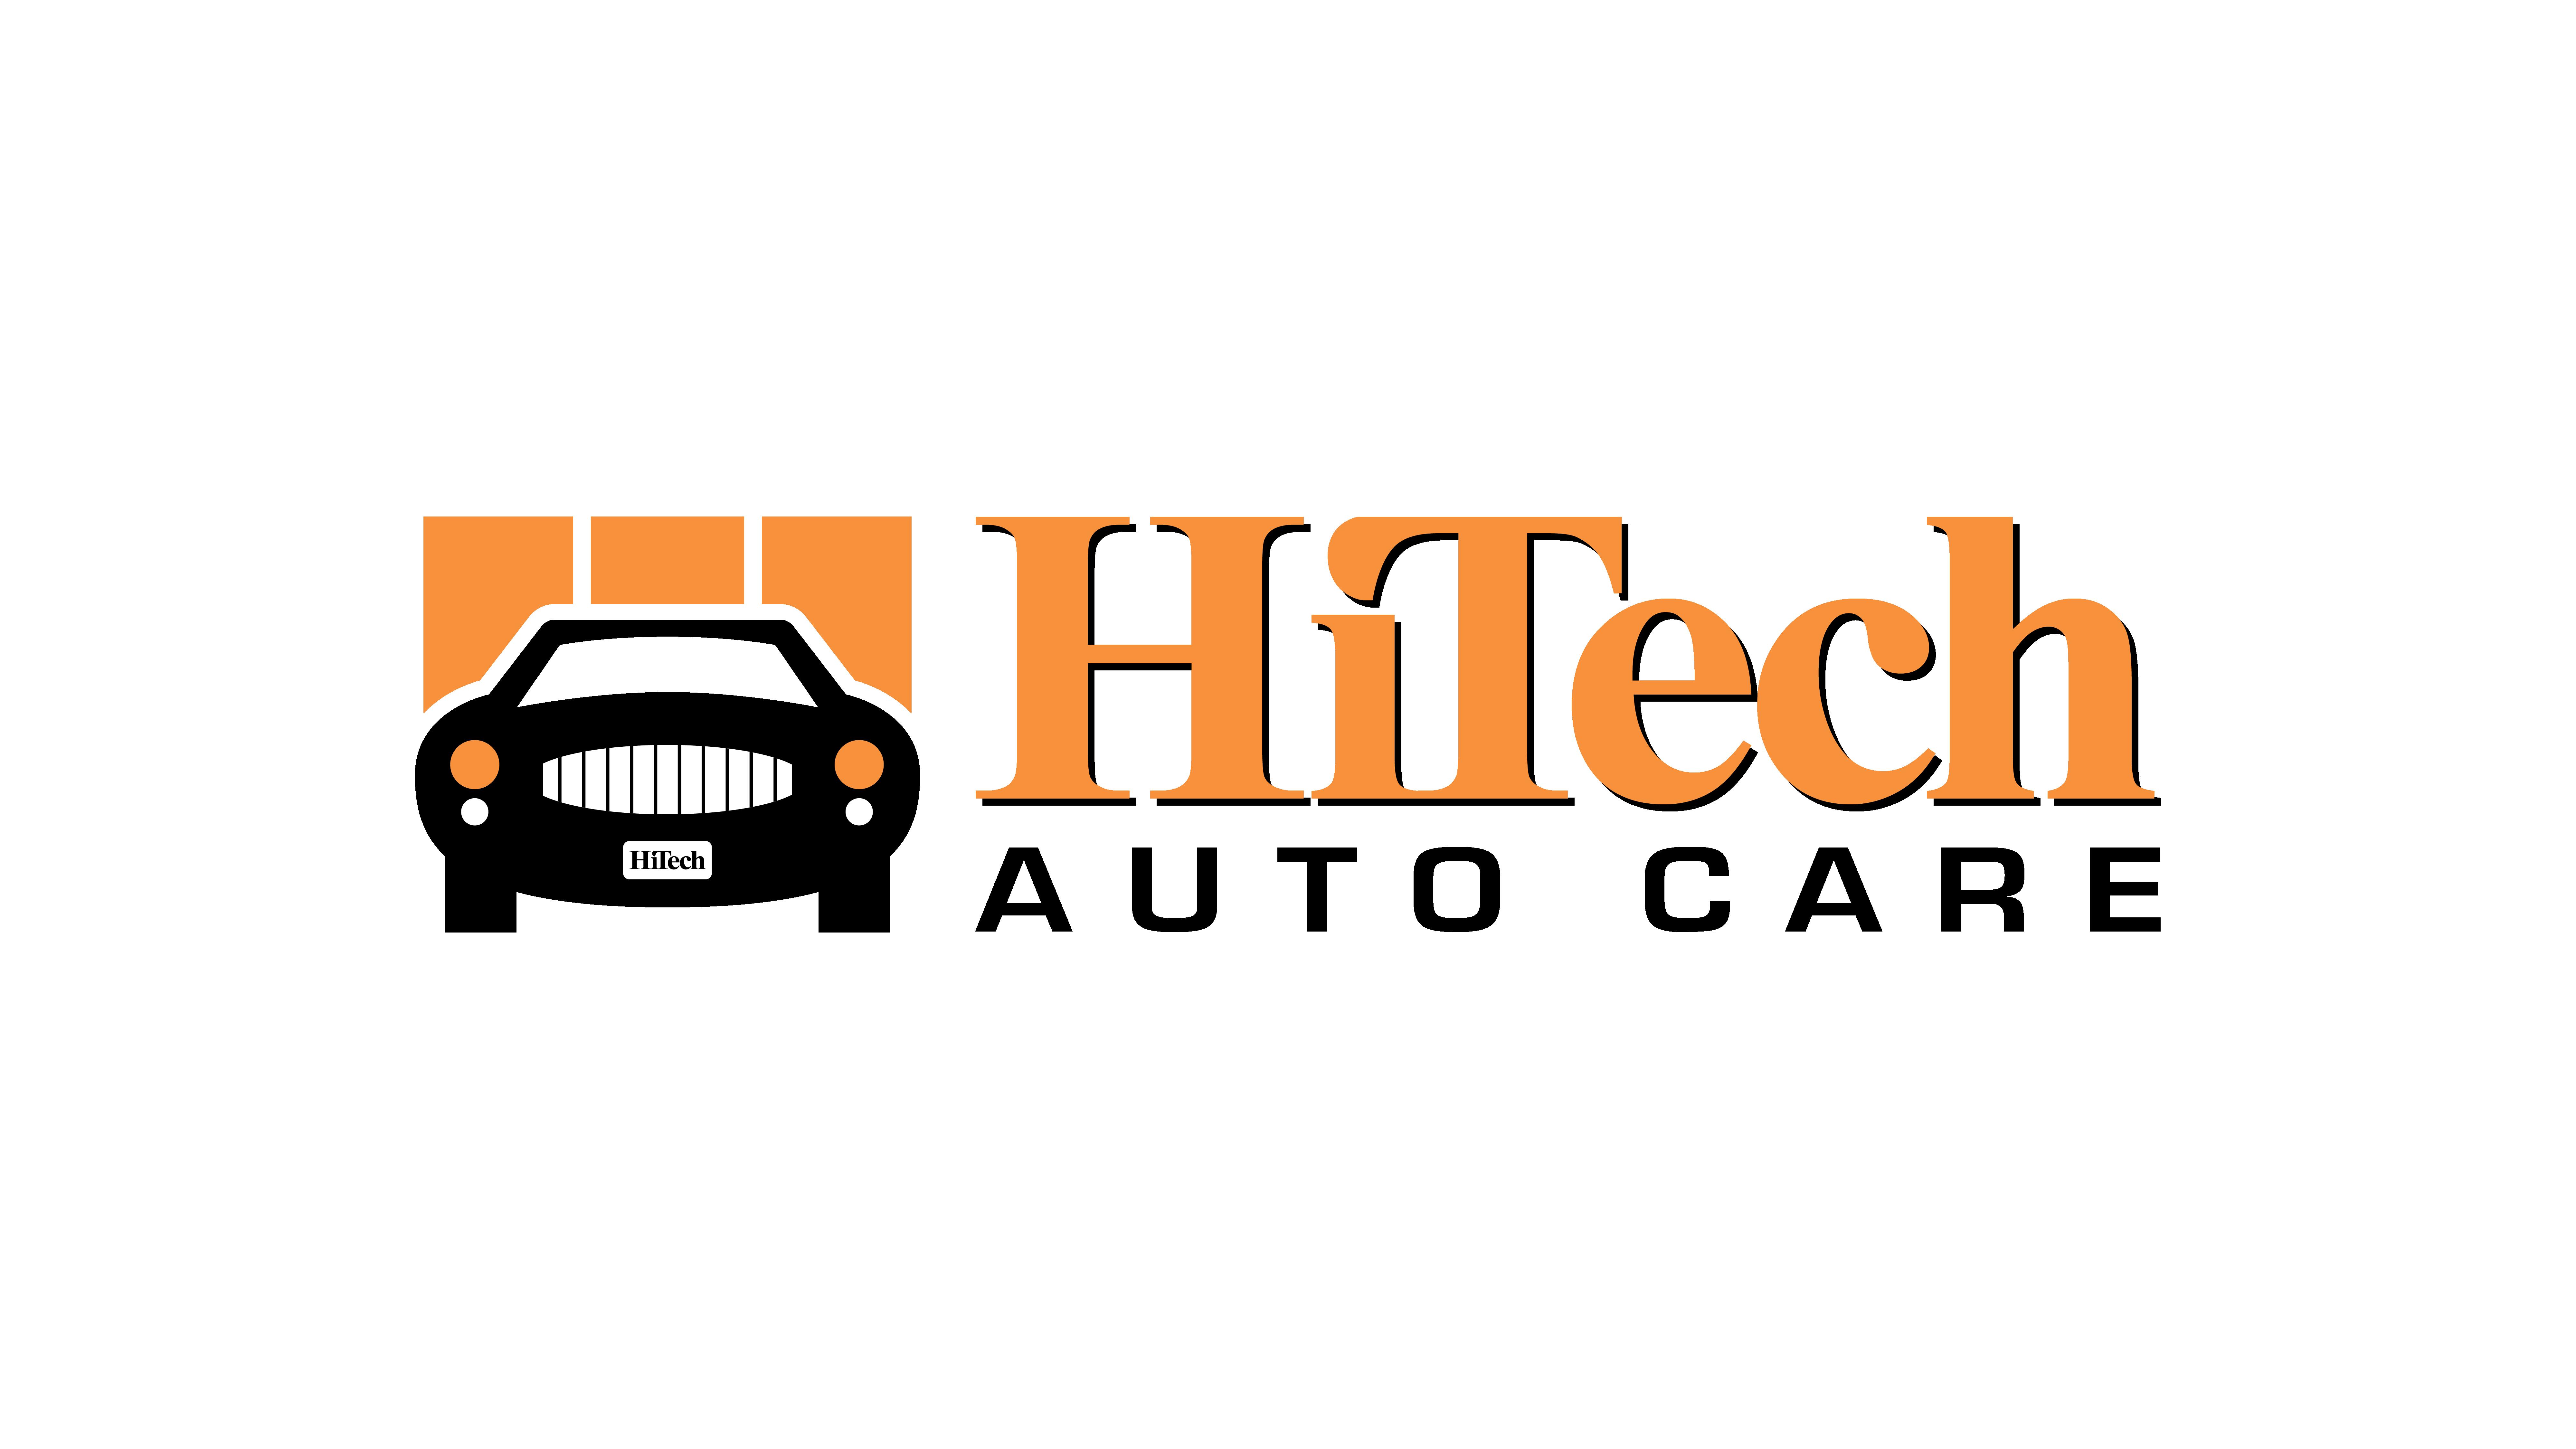 High Tech Auto Logo